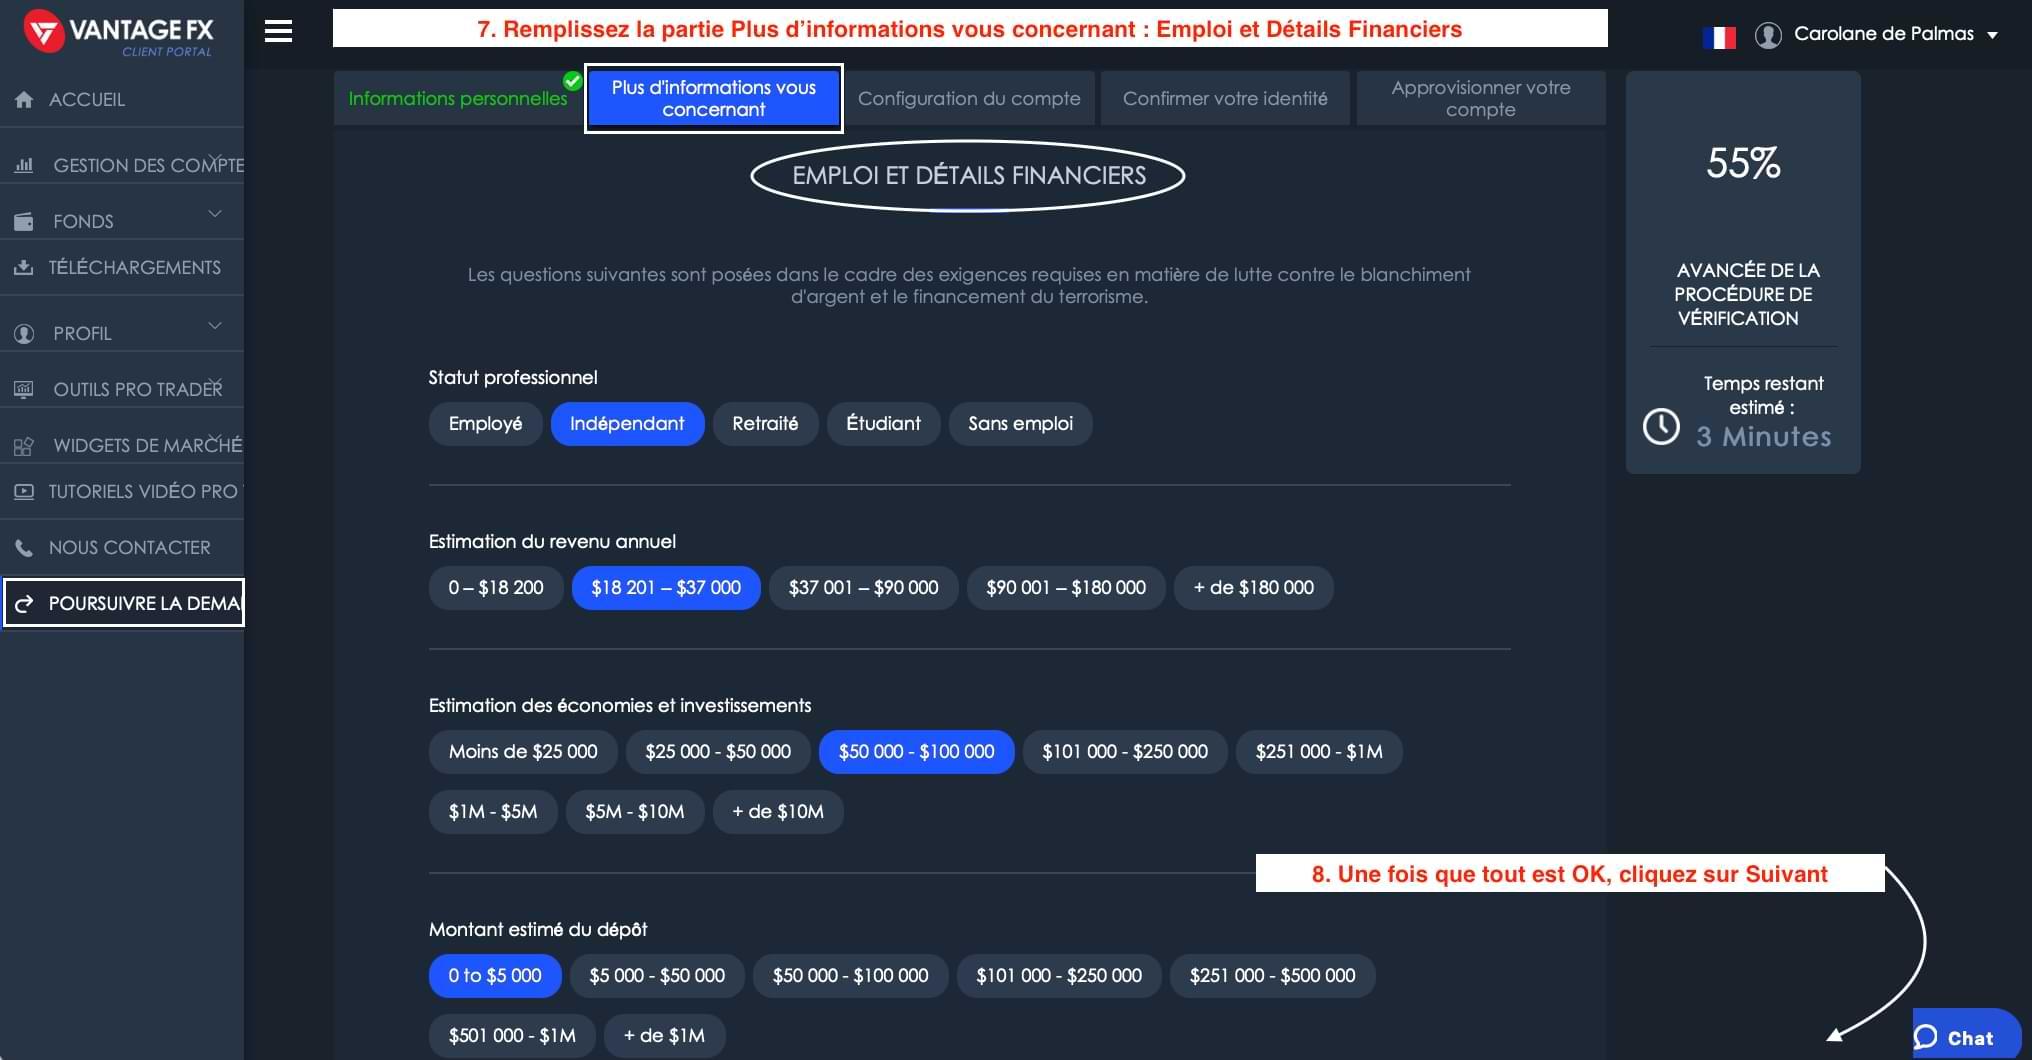 Ouverture de Compte Vantage FX_Informations Financières